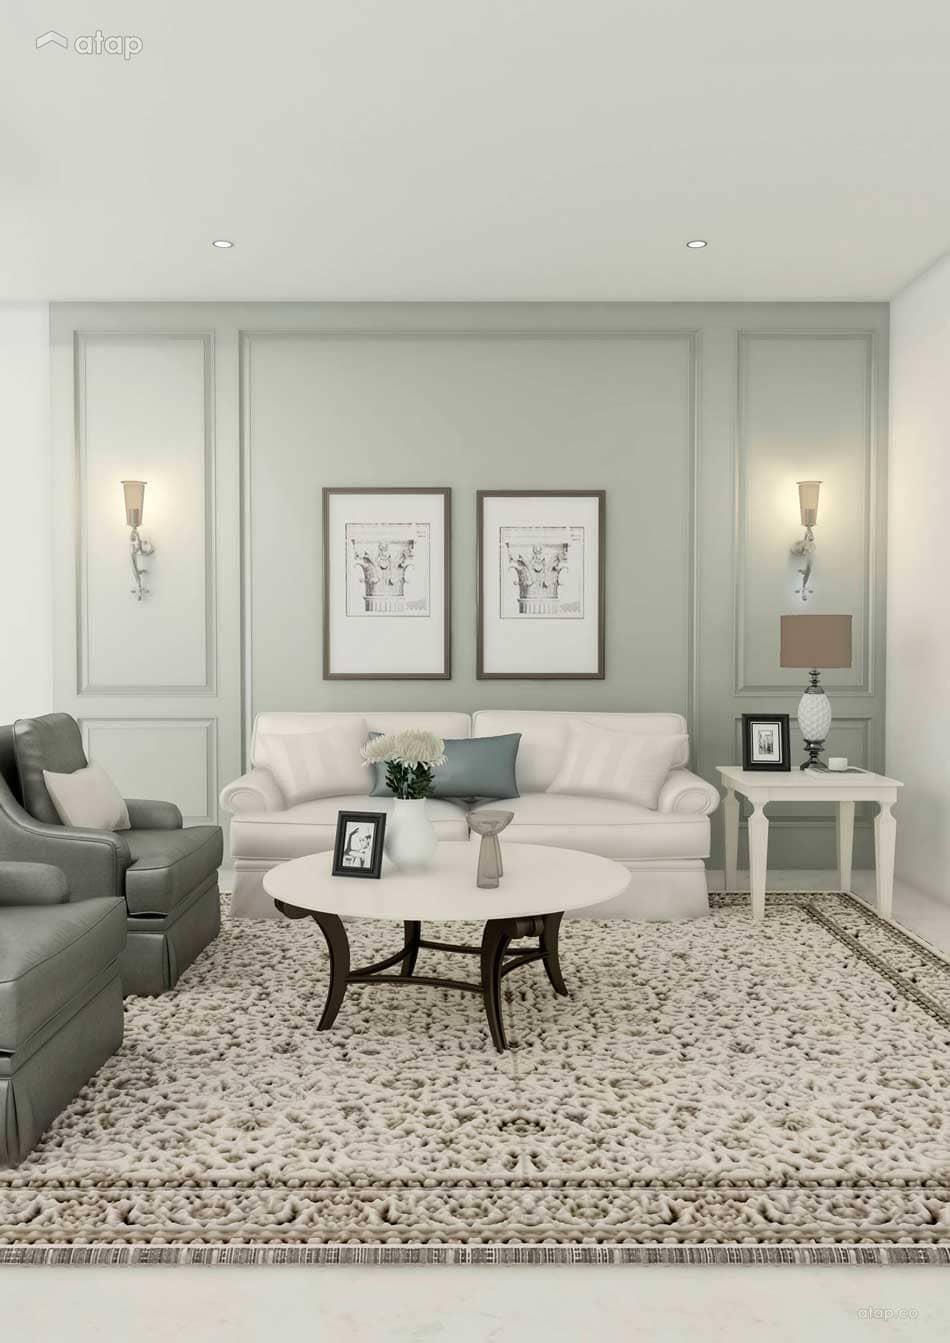 nội thất phòng khách chung cư thông minh - Housedesign